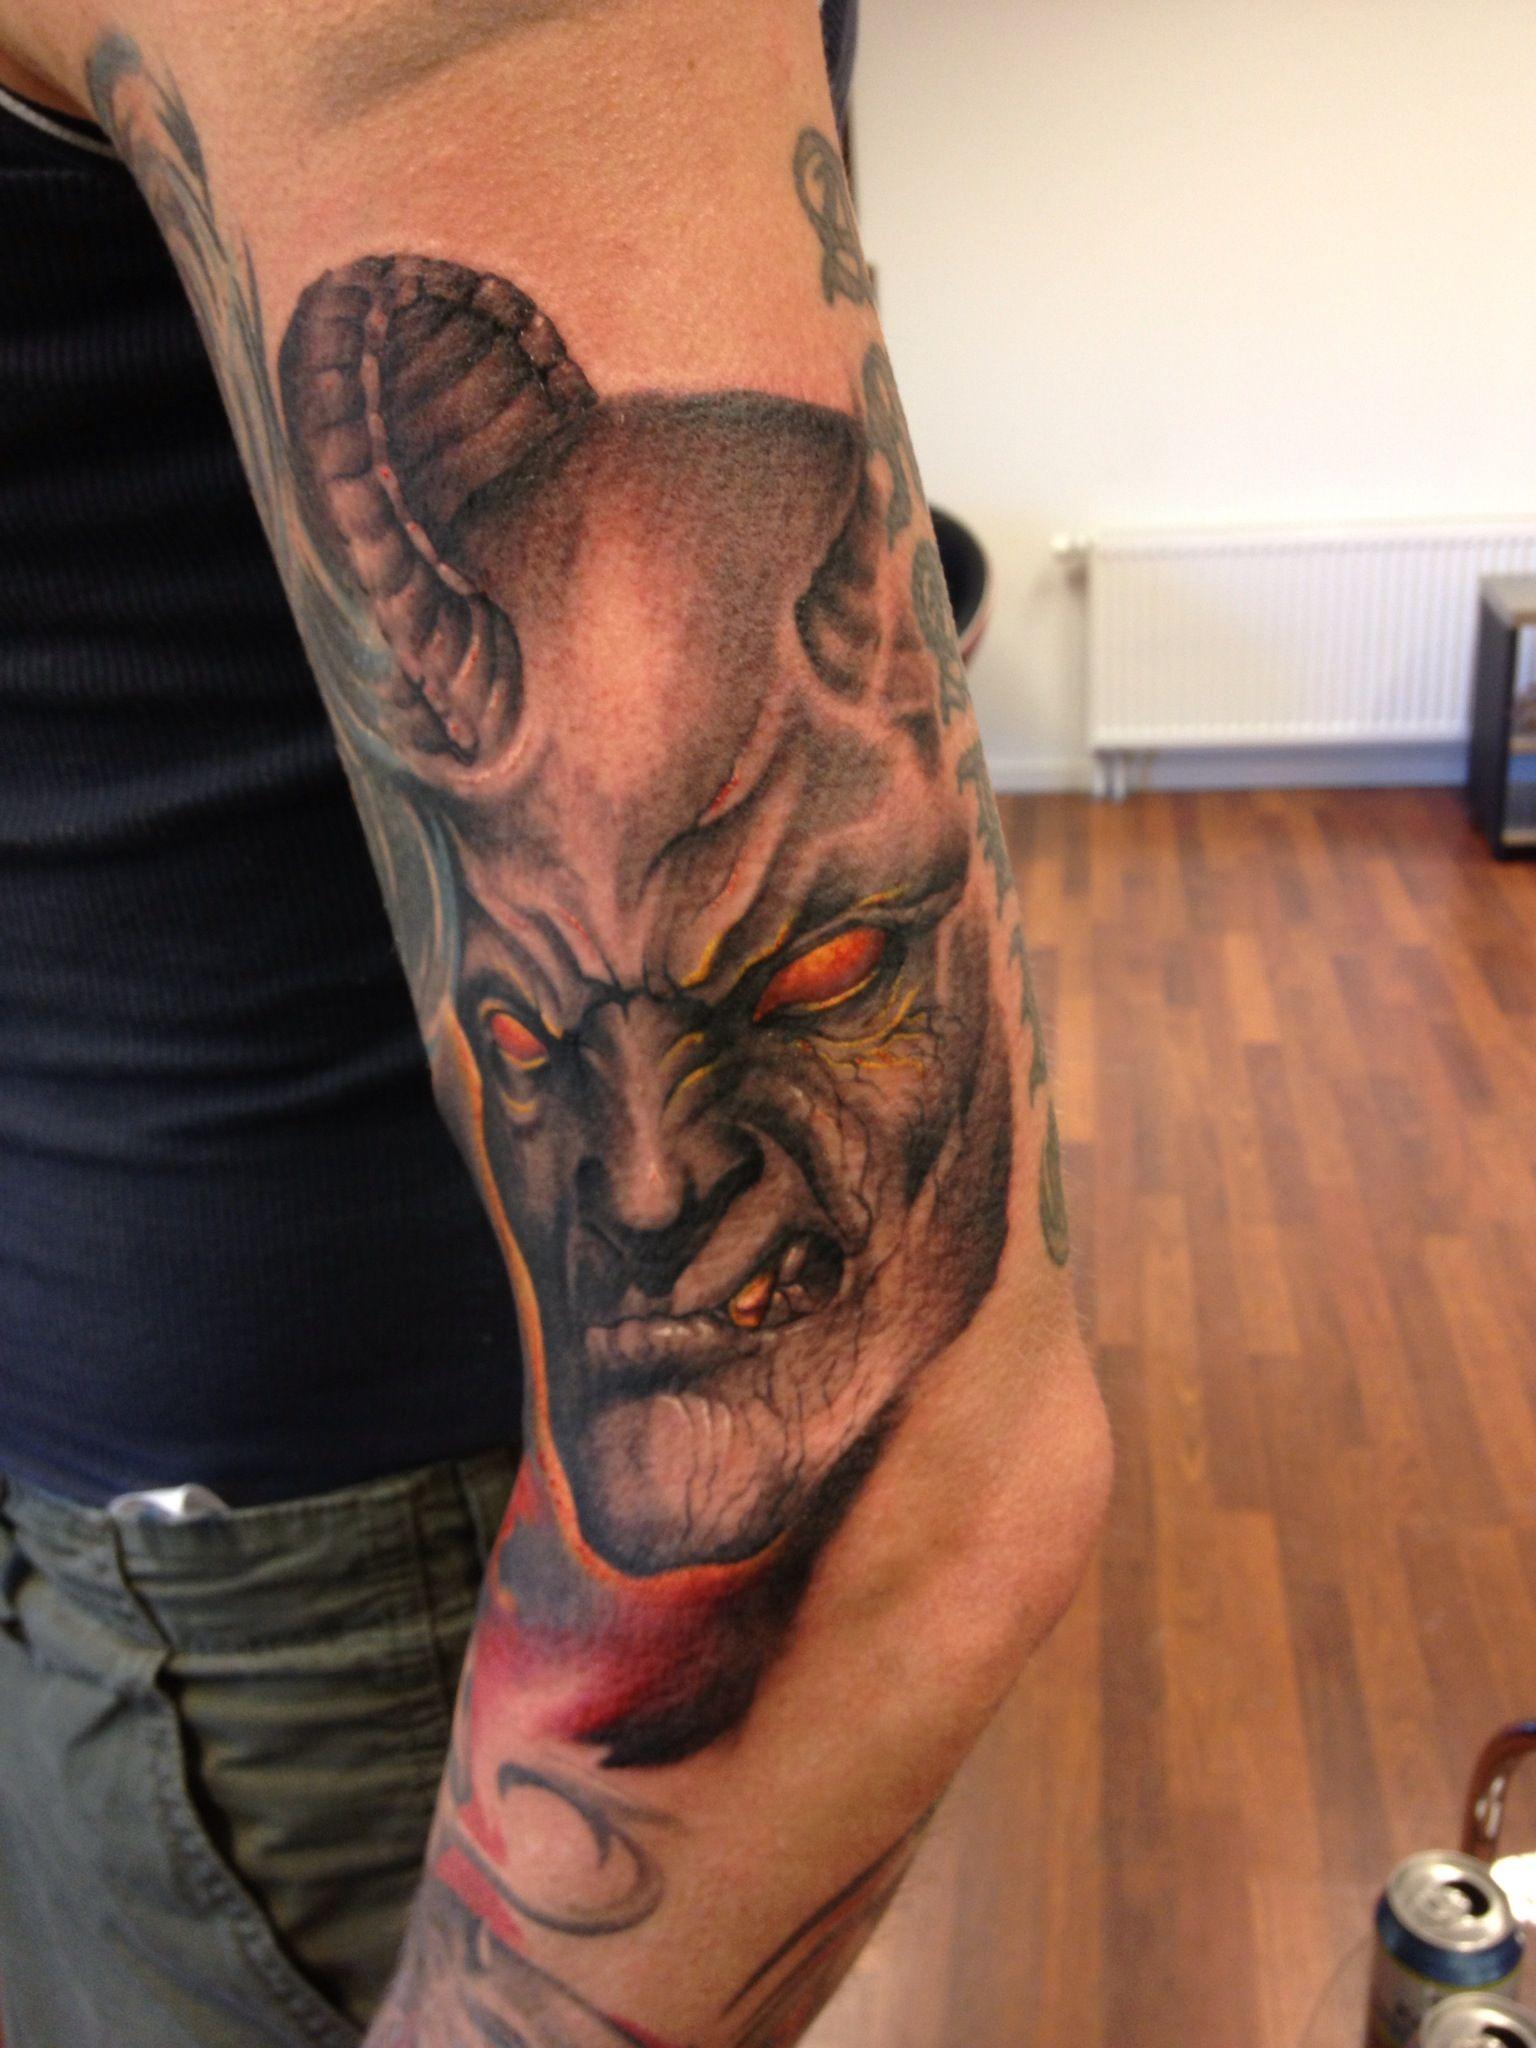 Pin by maida locke on tattoos pinterest tatting and tattoo